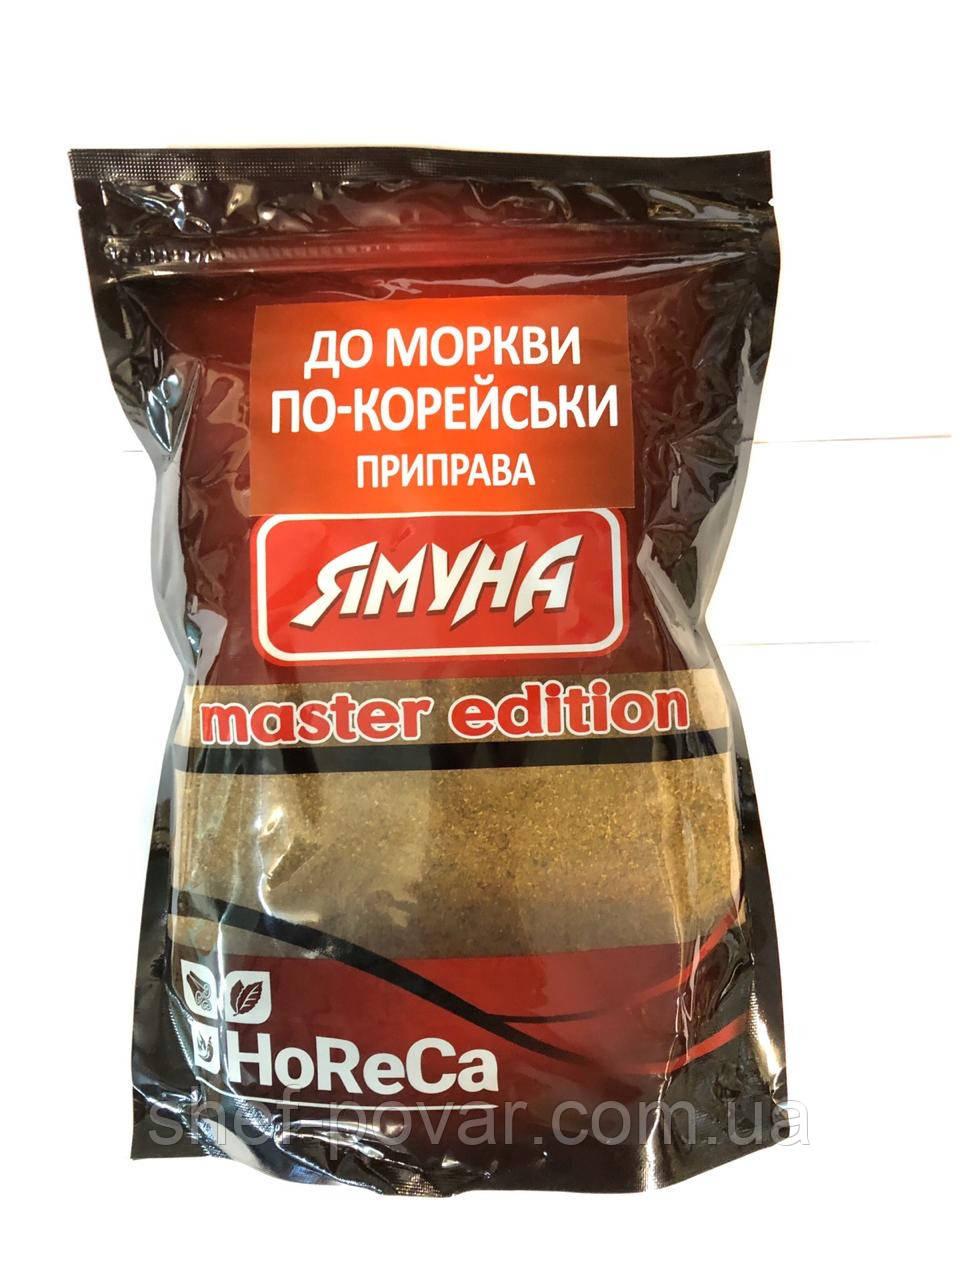 Приправа для морковки по-корейски 1кг HoReCa ТМ «Ямуна»